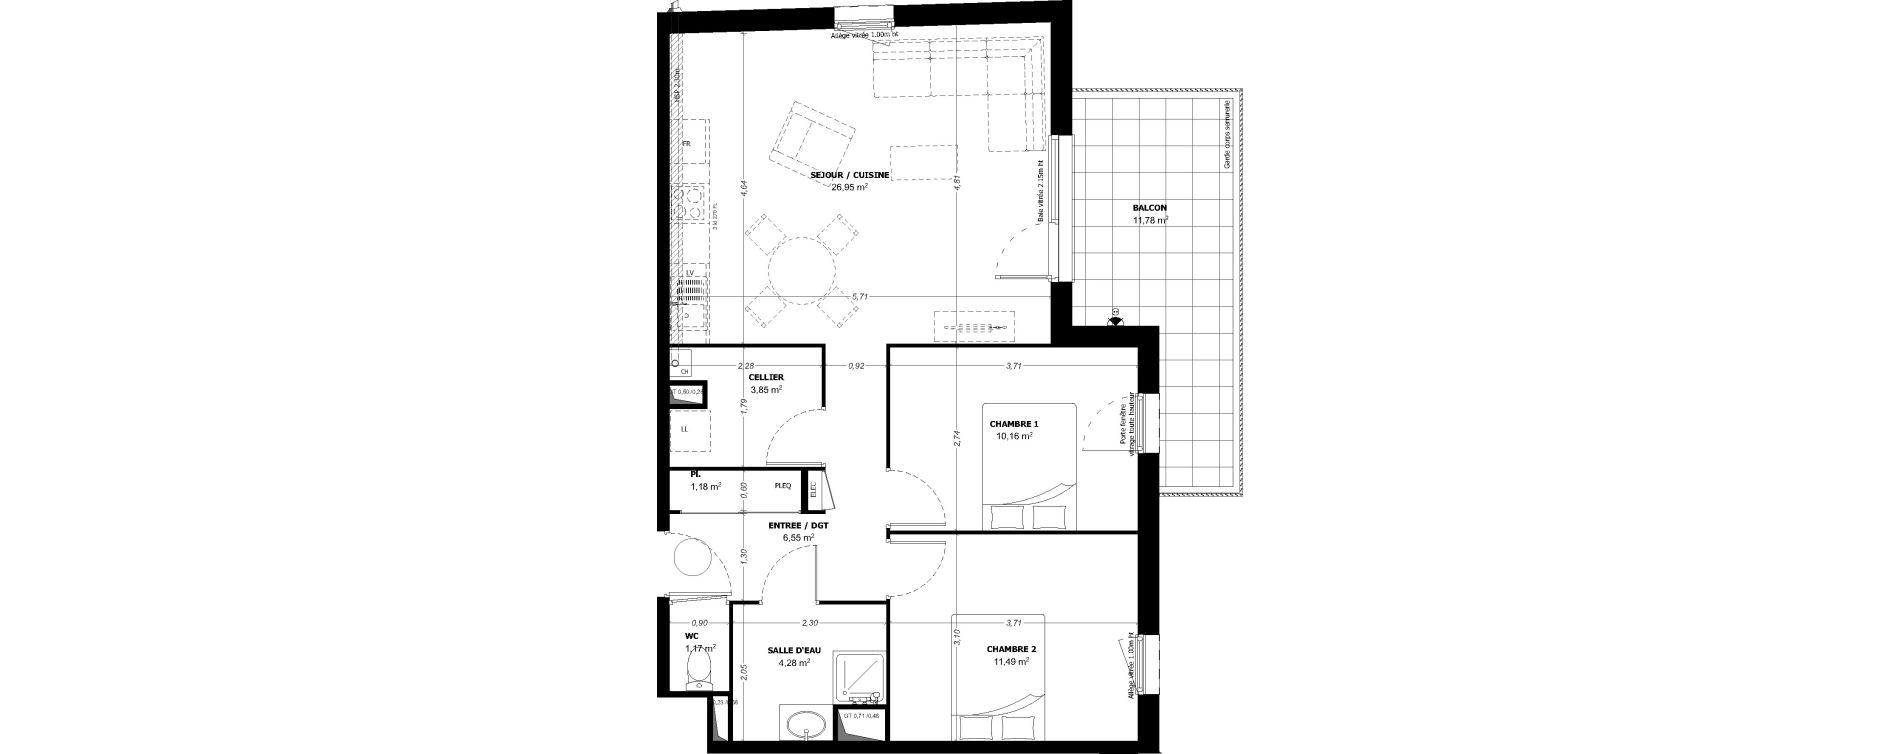 Appartement T3 de 65,63 m2 à Beauzelle Zac andromede